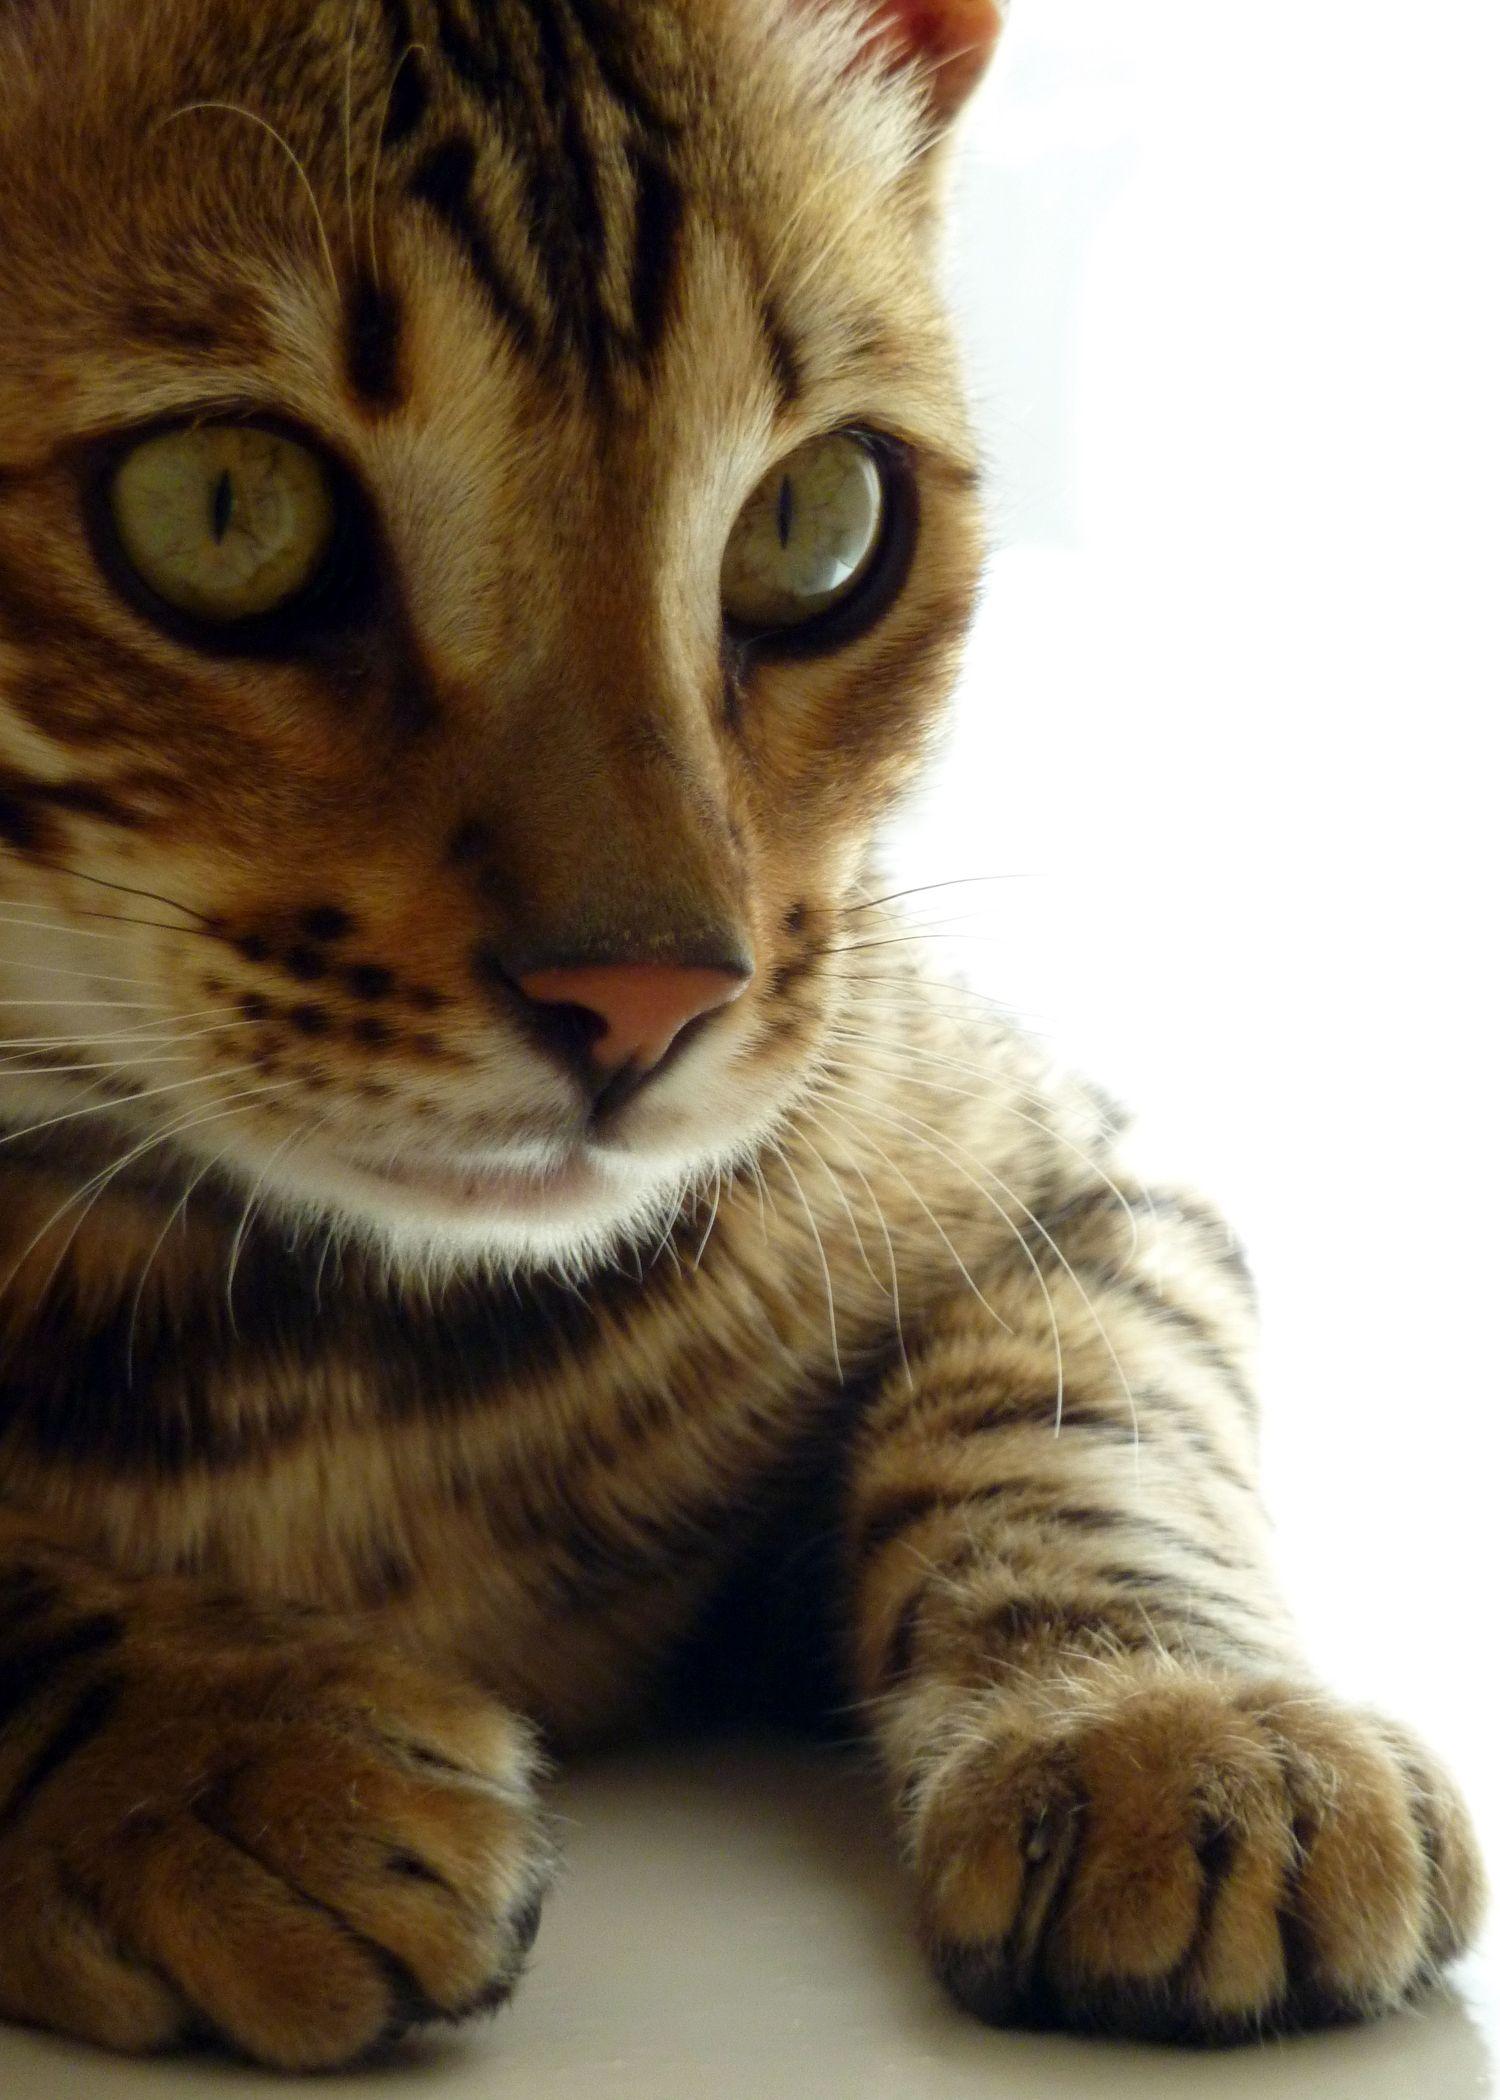 My Bengal Kitten Meatball At 6 Months Bengal Kitten Bengal Cat Tabby Cat